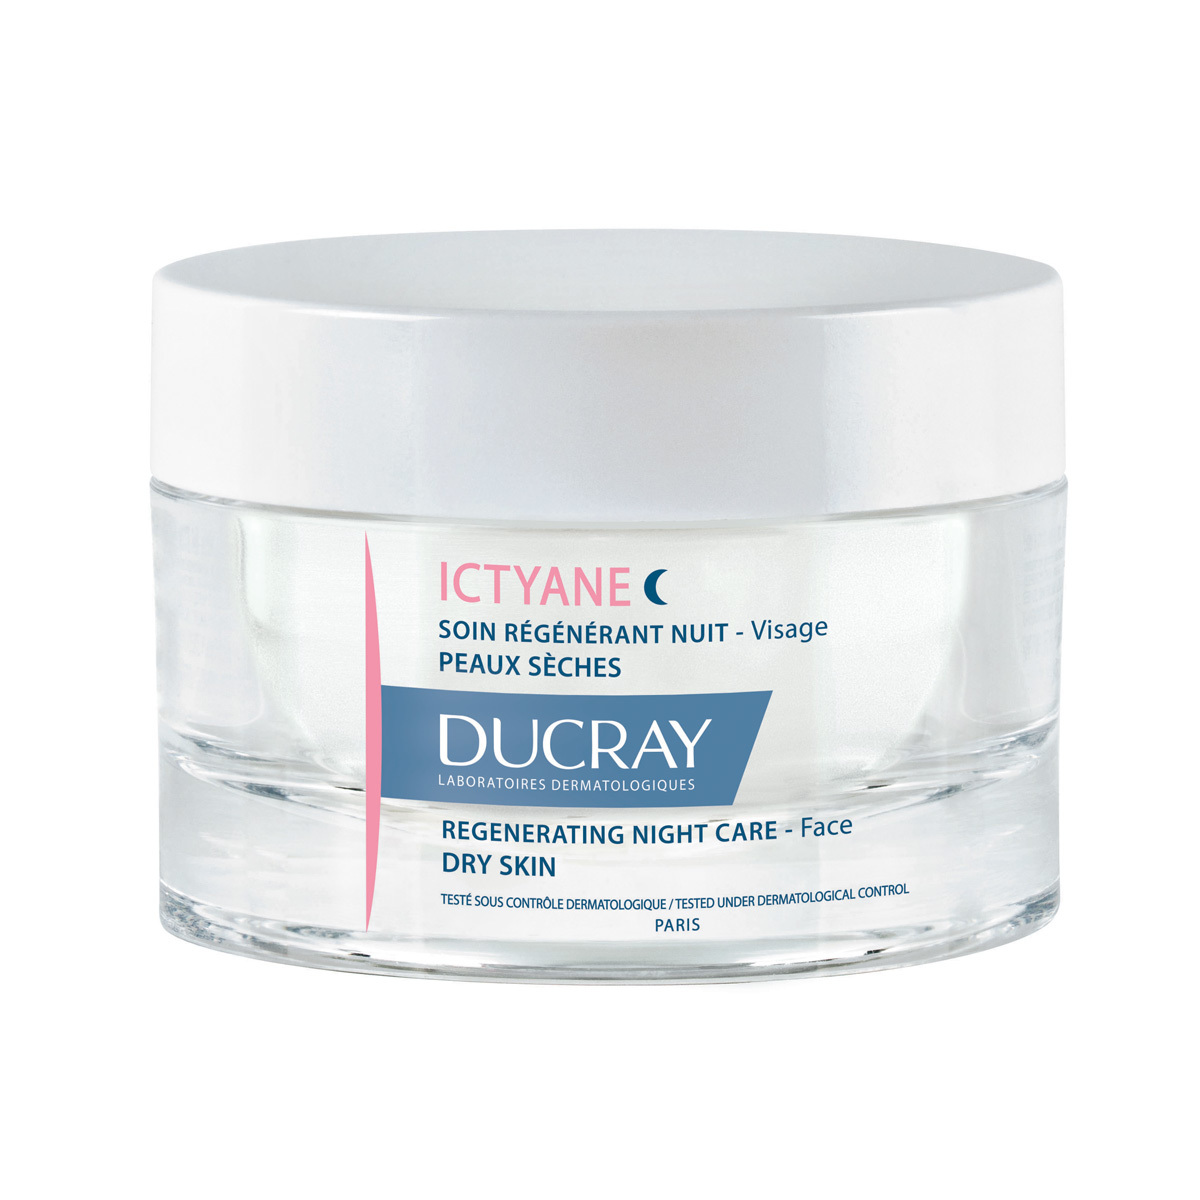 Crema de noche Ictyane cuidado regenerante de Ducray.